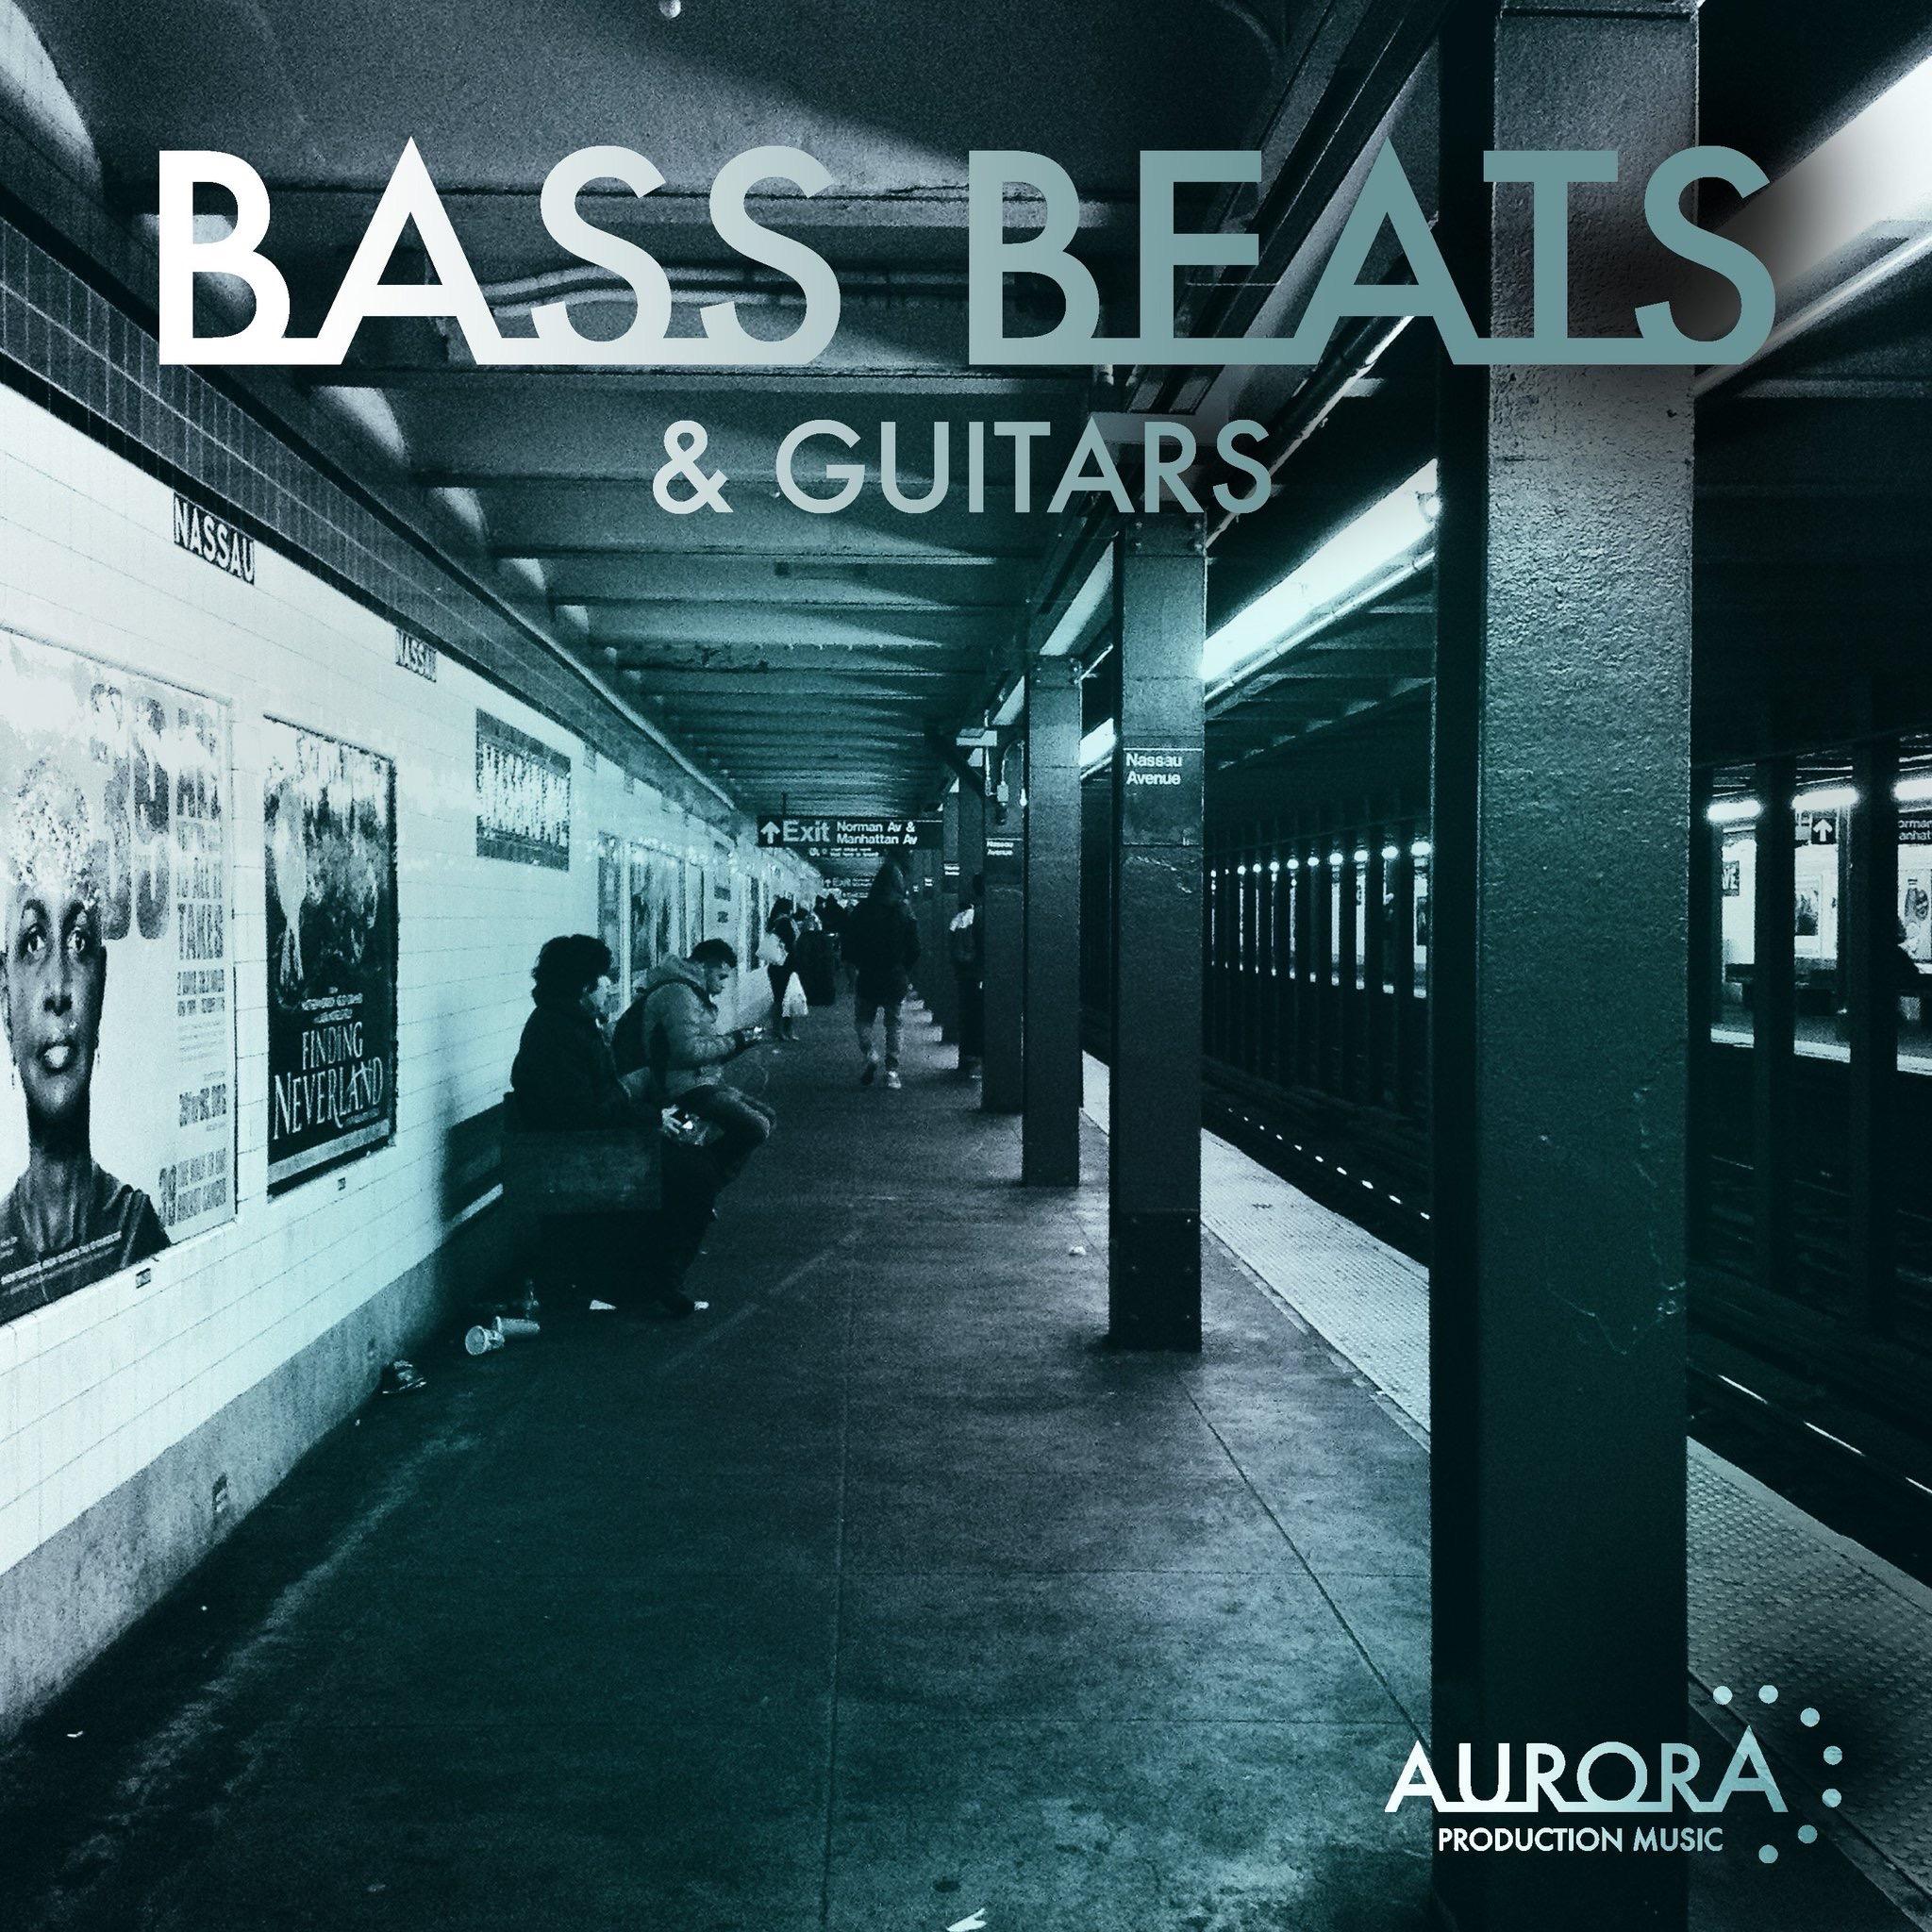 Bass, Beats & Guitars - Aurora